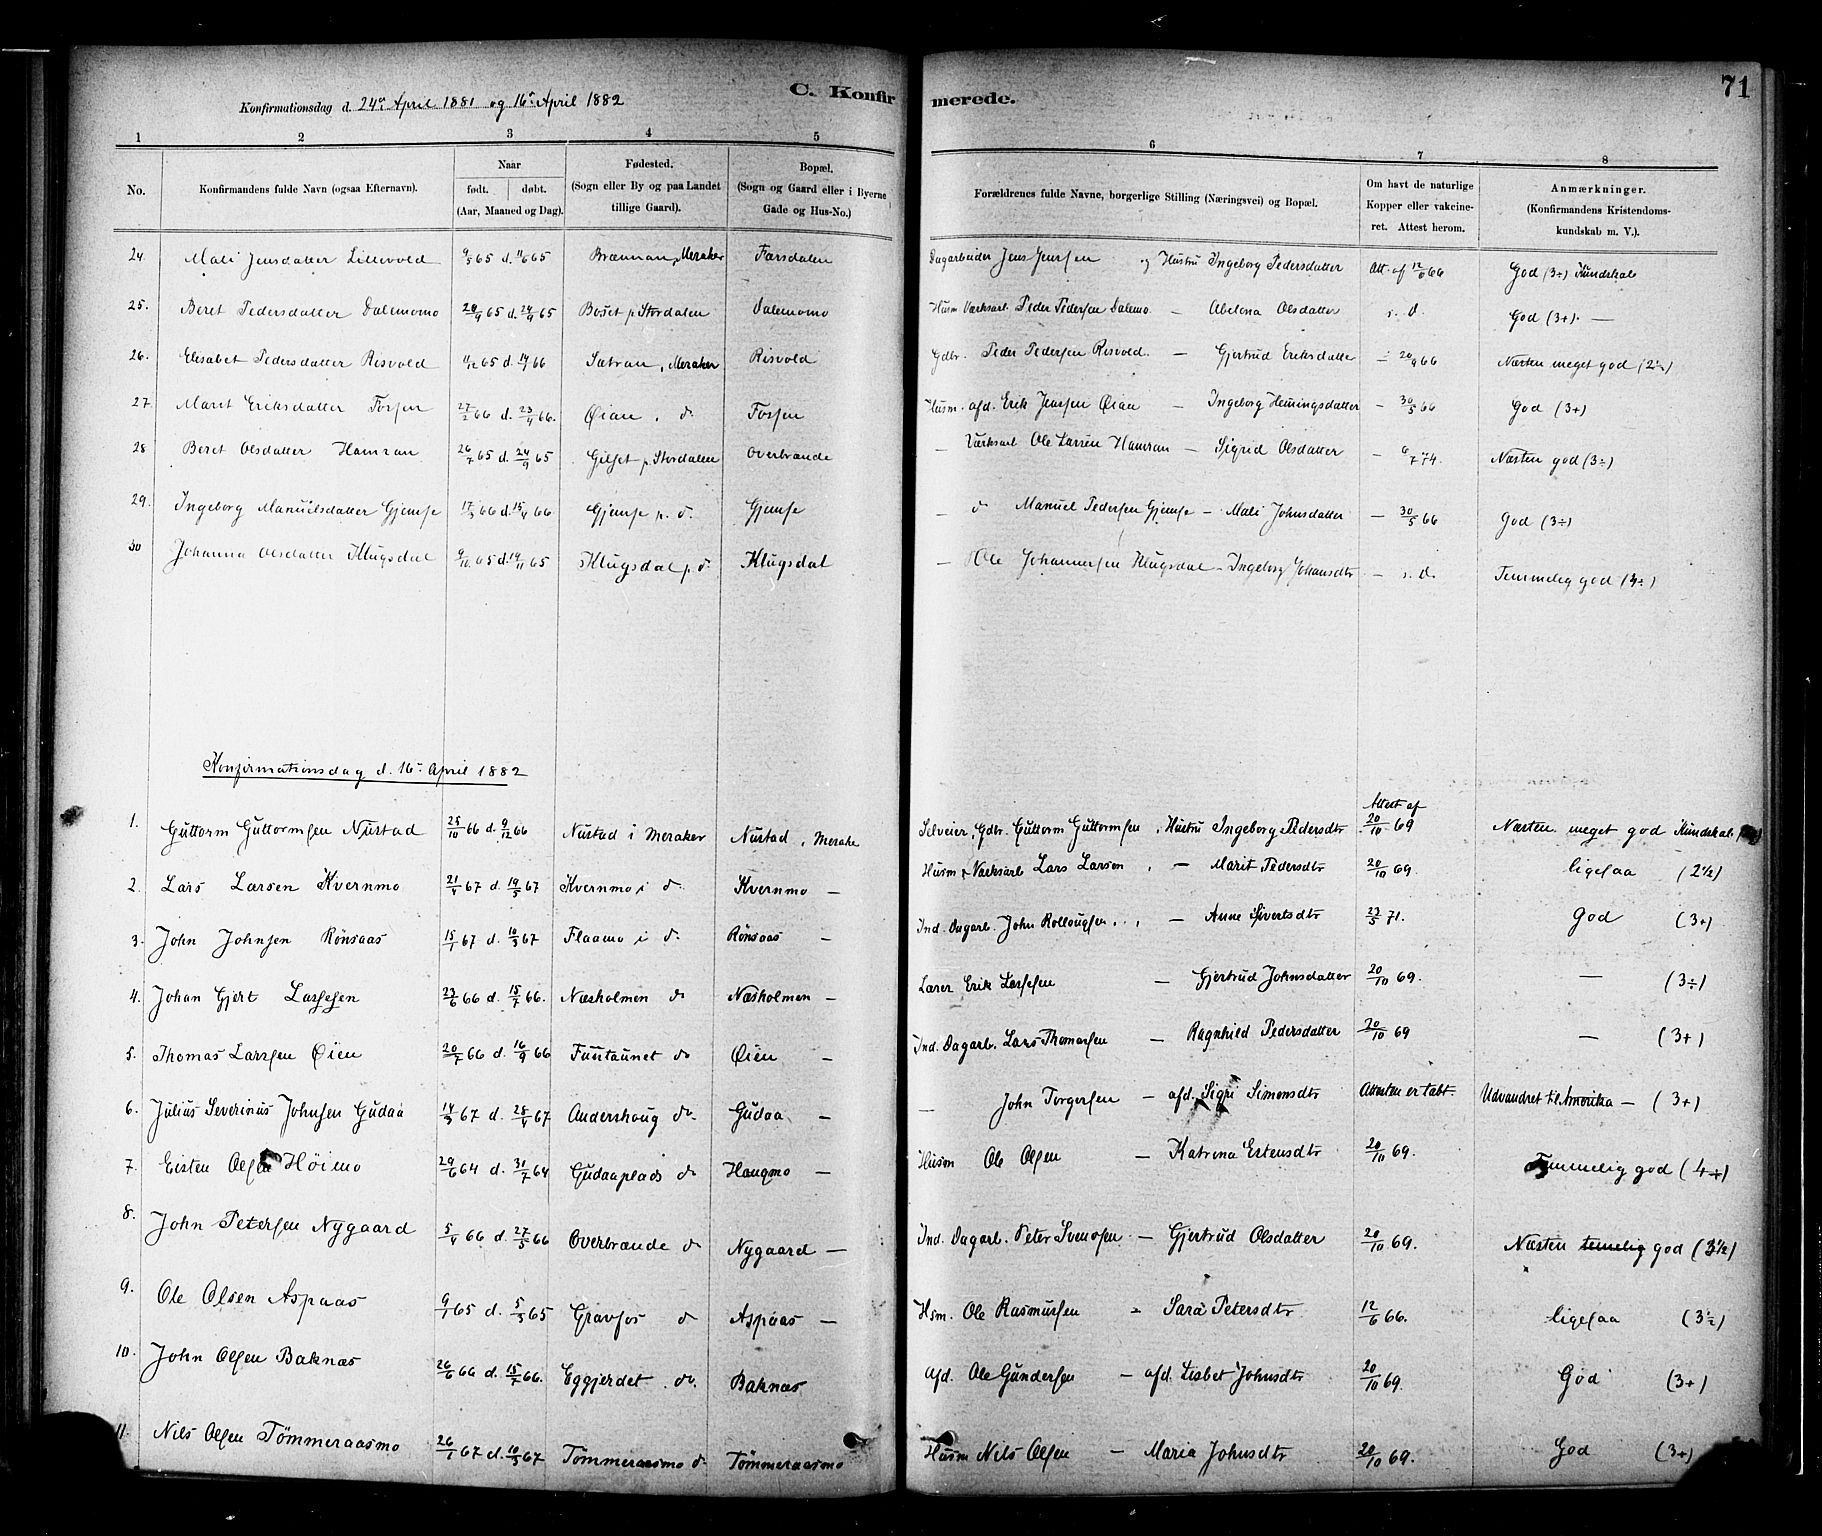 SAT, Ministerialprotokoller, klokkerbøker og fødselsregistre - Nord-Trøndelag, 706/L0047: Ministerialbok nr. 706A03, 1878-1892, s. 71